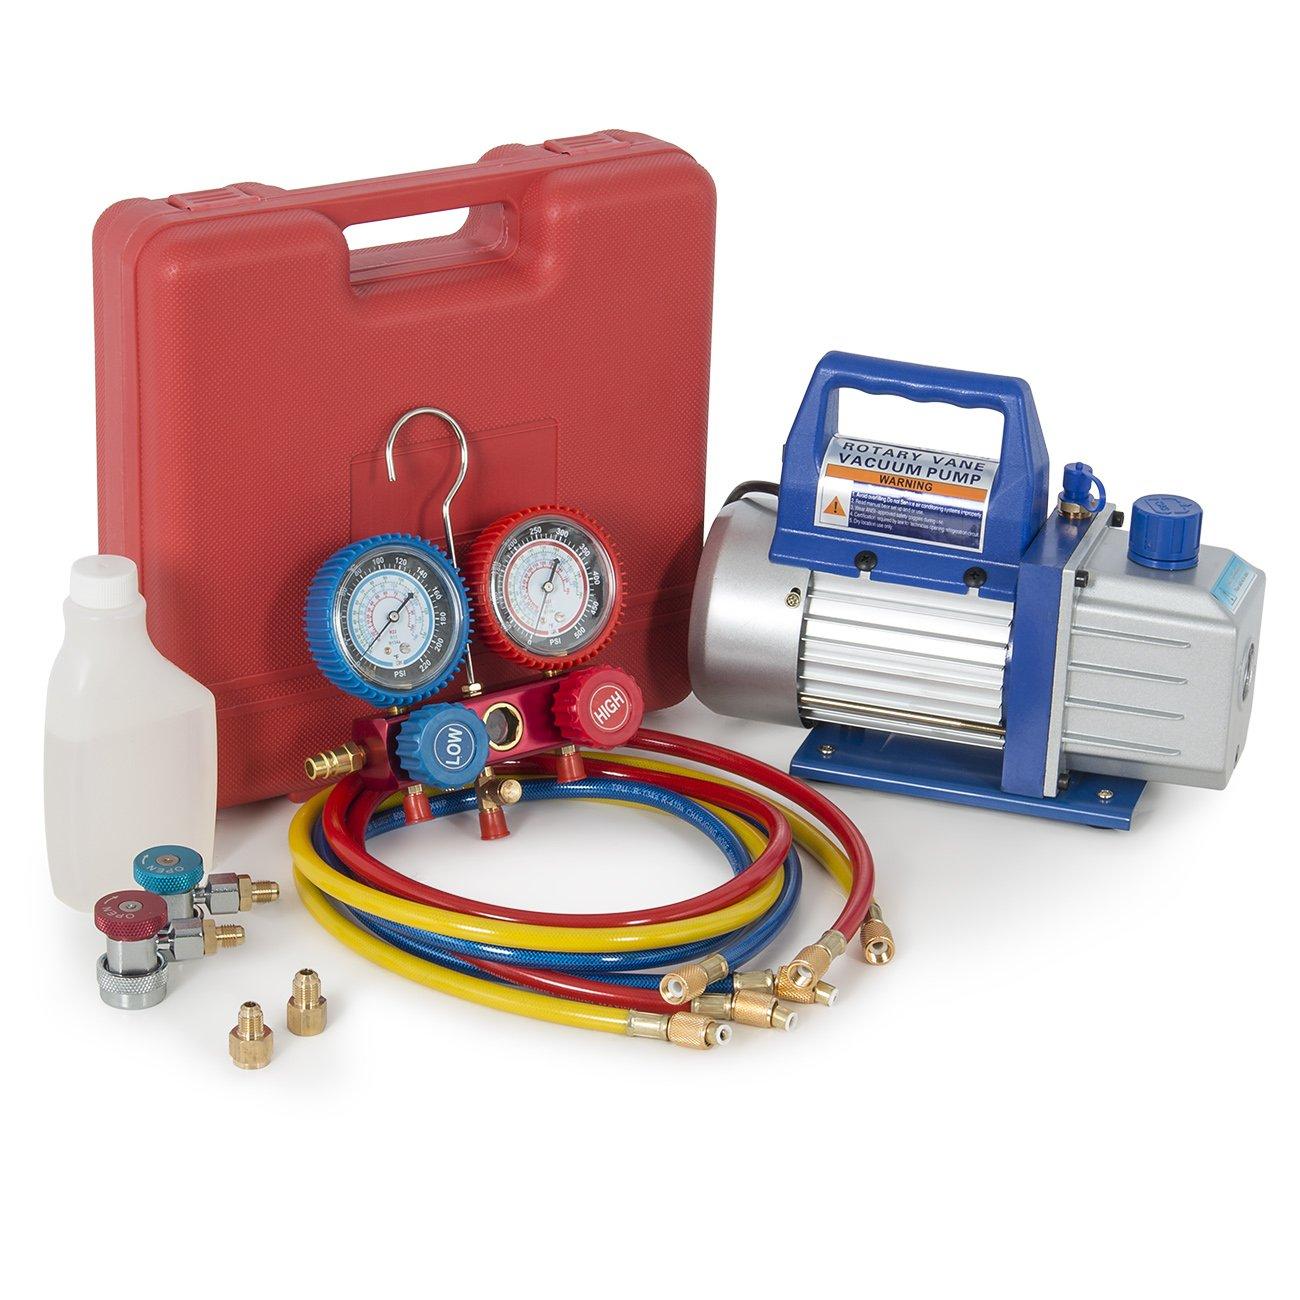 ARKSEN 4CFM Vacuum Pump and Gauge A/C Diagnostic